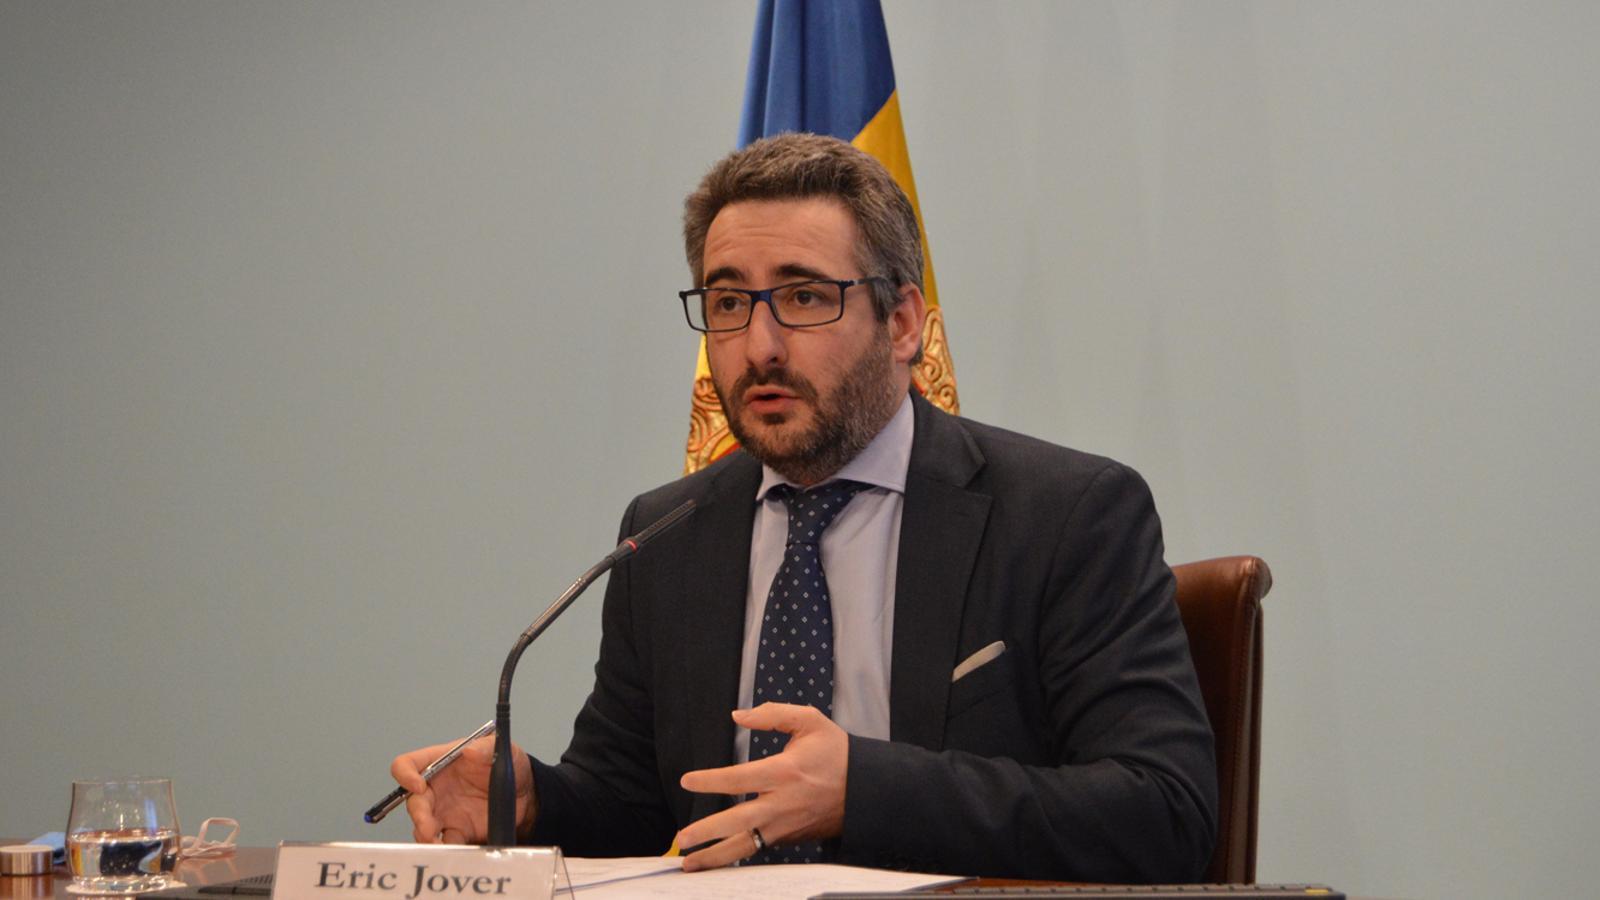 El ministre portaveu, Eric Jover, durant la roda de premsa d'aquest dimecres a la tarda. / M. F. (ANA)